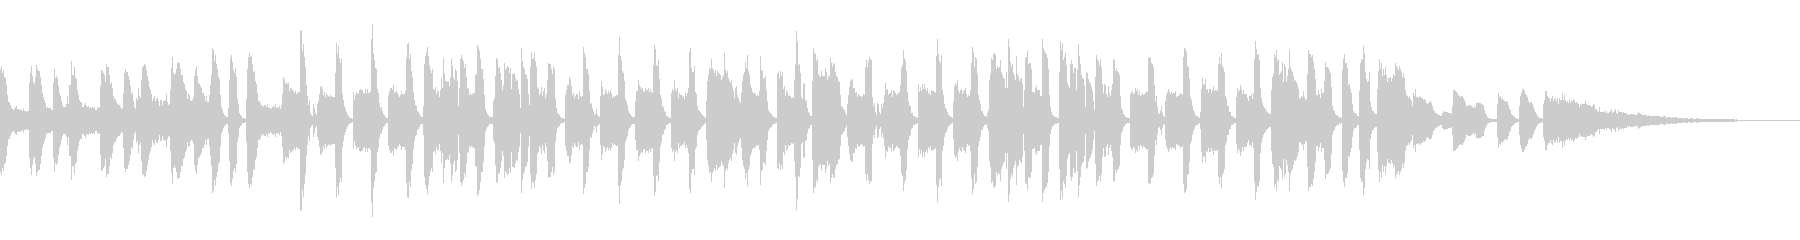 ピタゴラっぽい可愛いリコーダーのCM曲の未再生の波形